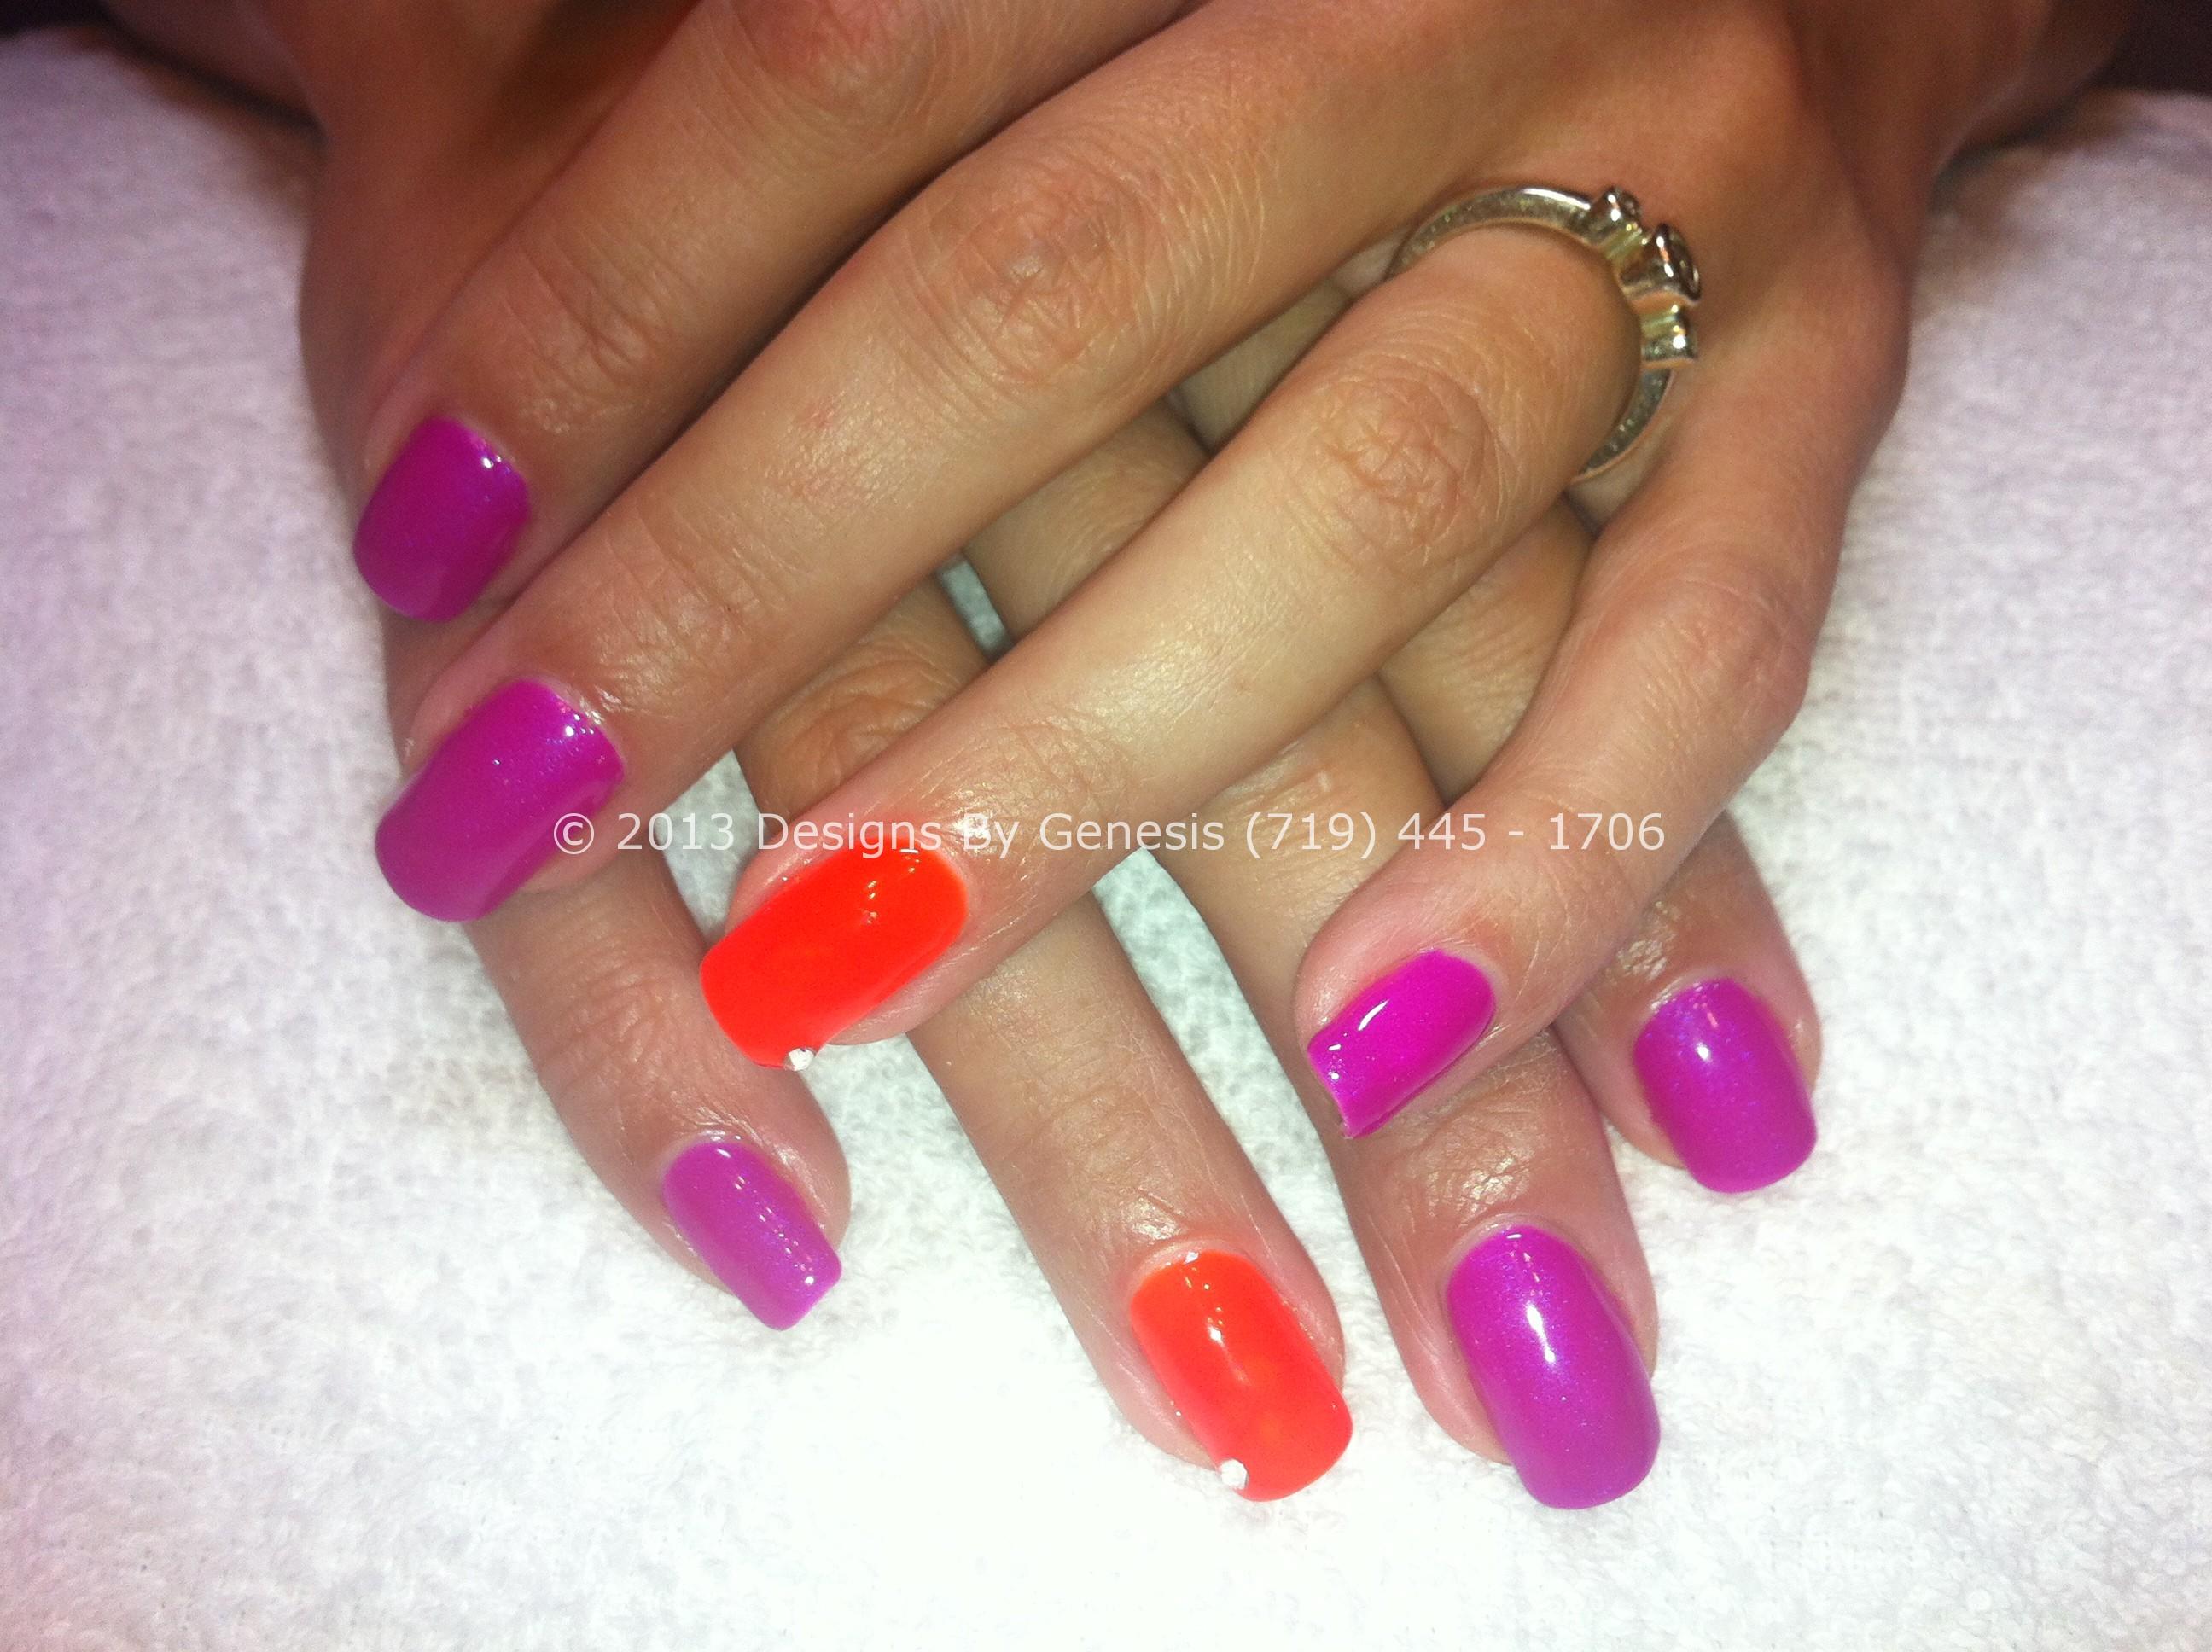 Gel polish on natural nails - Expression Nails